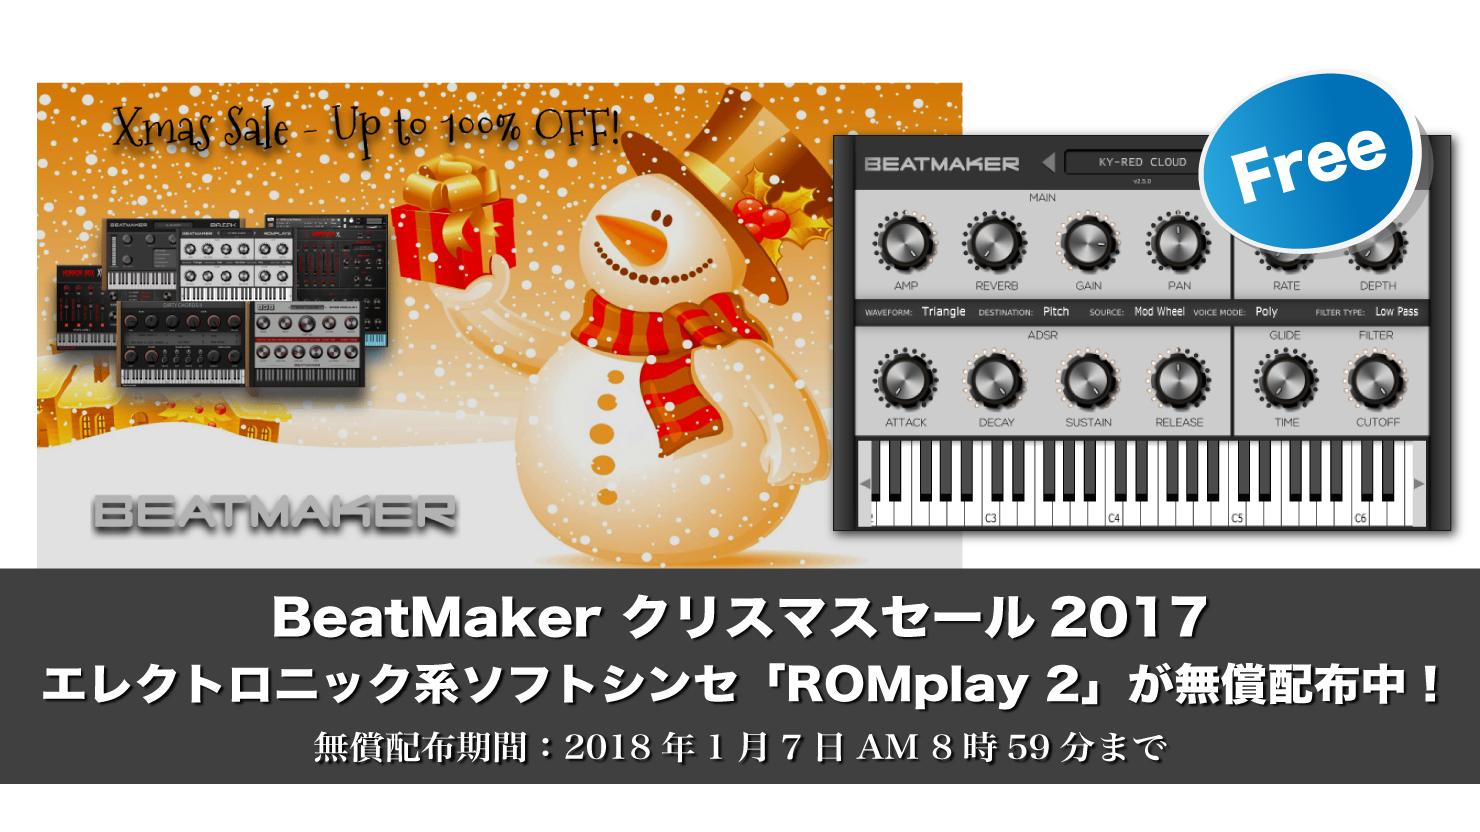 【期間限定・無料】BeatMaker クリスマスセール2017 エレクトロニック系ソフトシンセ「ROMplay 2」無償配布中!